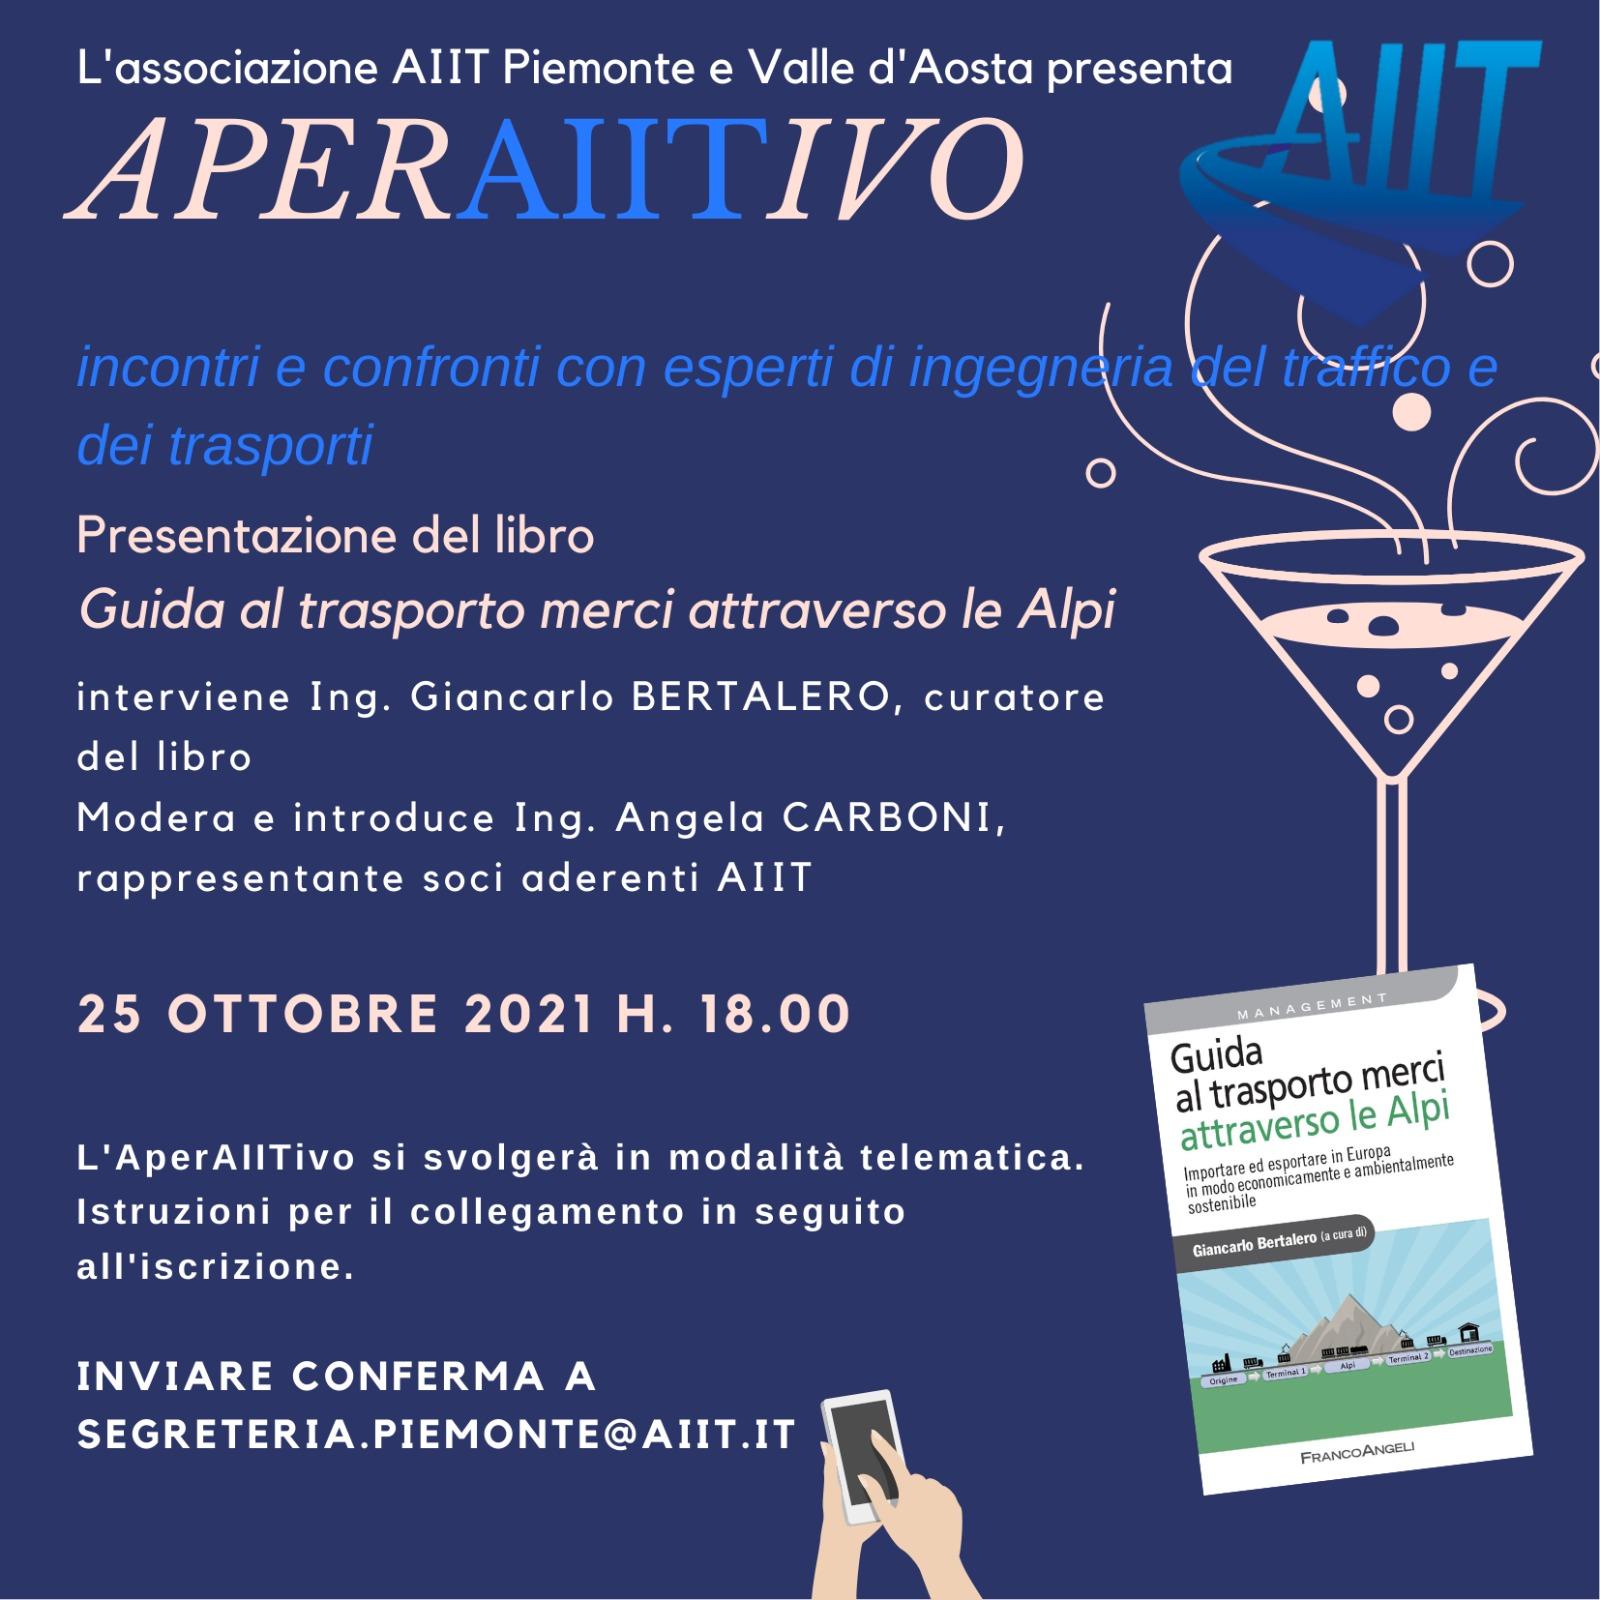 AperAIITivo sezione Piemonte e Valle d'Aosta – 25 ottobre